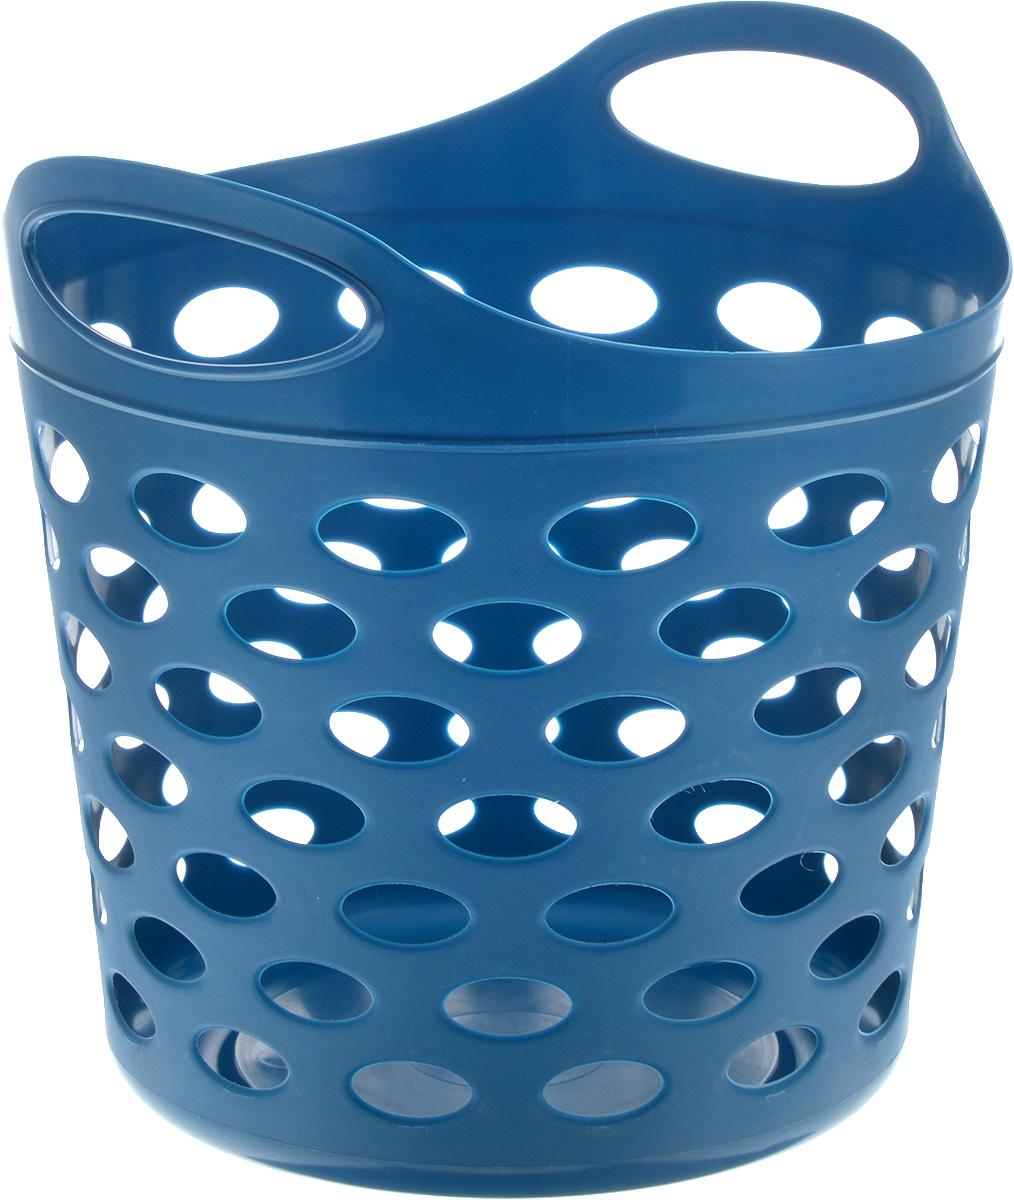 Корзина-сумка Gensini, универсальная, цвет: синий, 13 л391602Универсальная корзина-сумка Gensini отлично подойдет для хранения белья перед стиркой, игрушек и других вещей. Она выполнена из высококачественного мягкого пластика и оснащена двумя удобными ручками для переноски. Боковые стенки оформлены перфорацией, которая обеспечивает вентиляцию белья. Современный дизайн корзины-сумки позволит ей вписаться в любой интерьер, а благодаря своим компактным размерам она не займет много места.